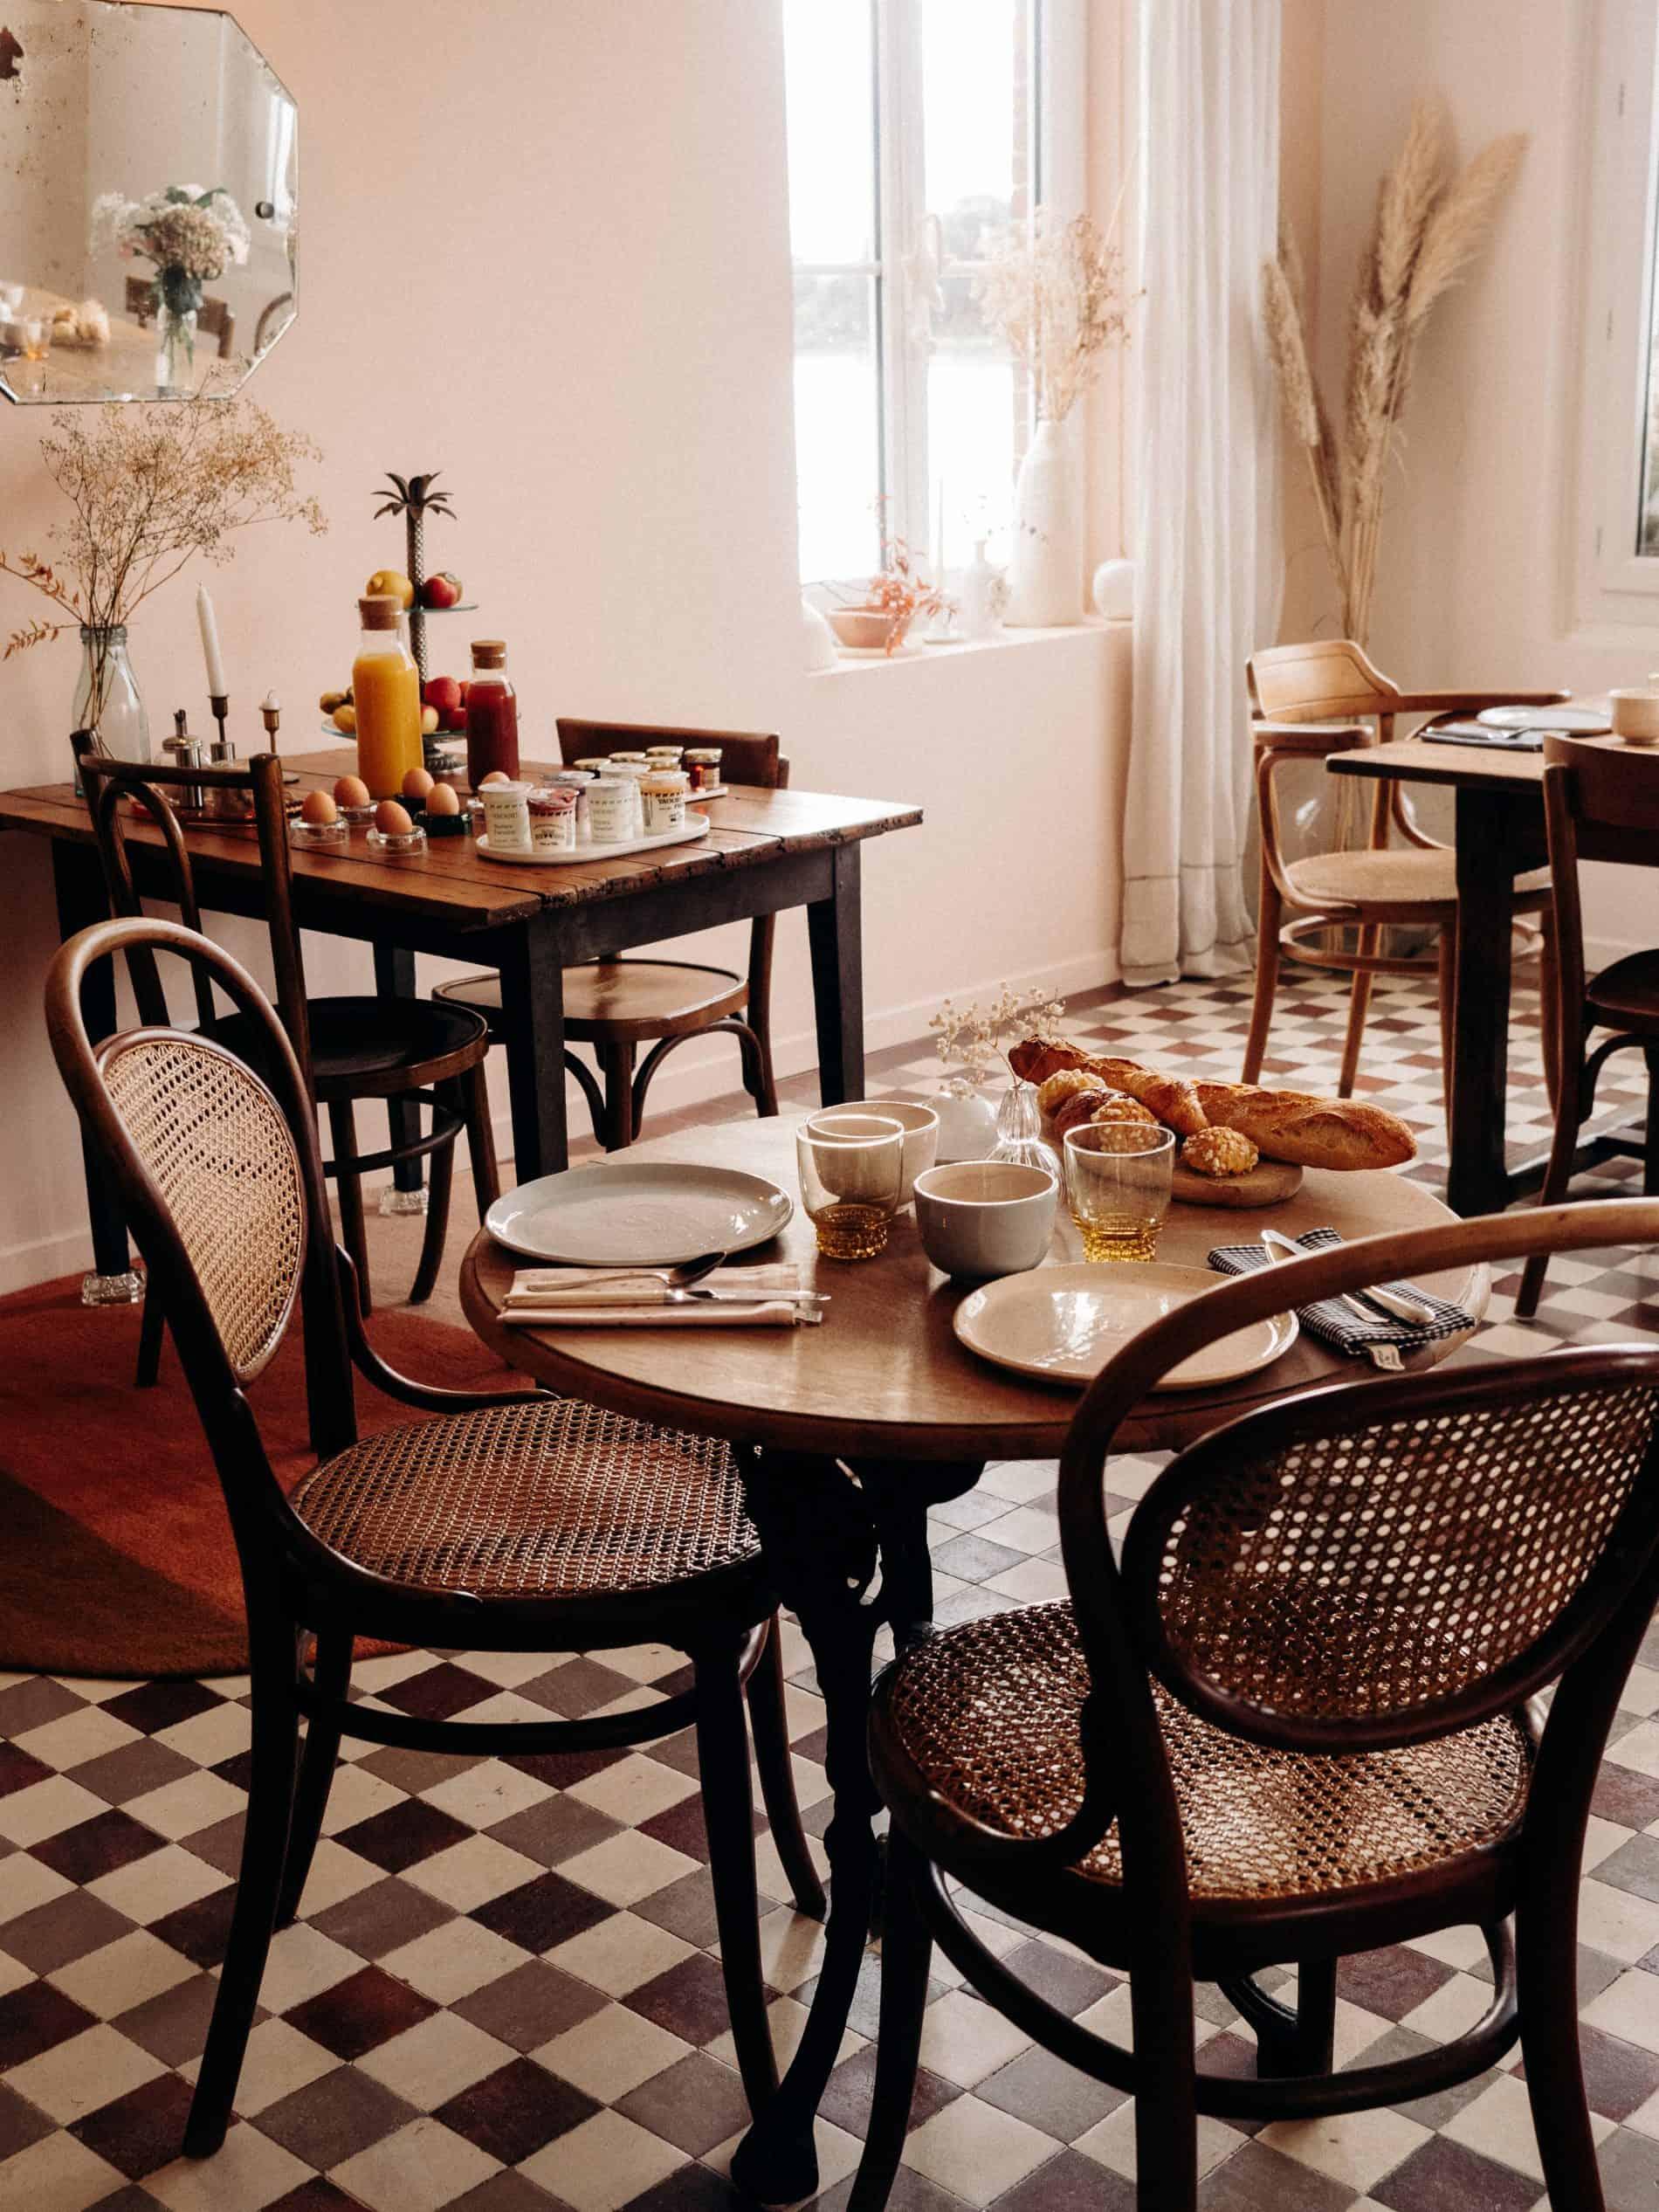 La Maison Plûme maison d'hôtes normandie salle petit déjeuner